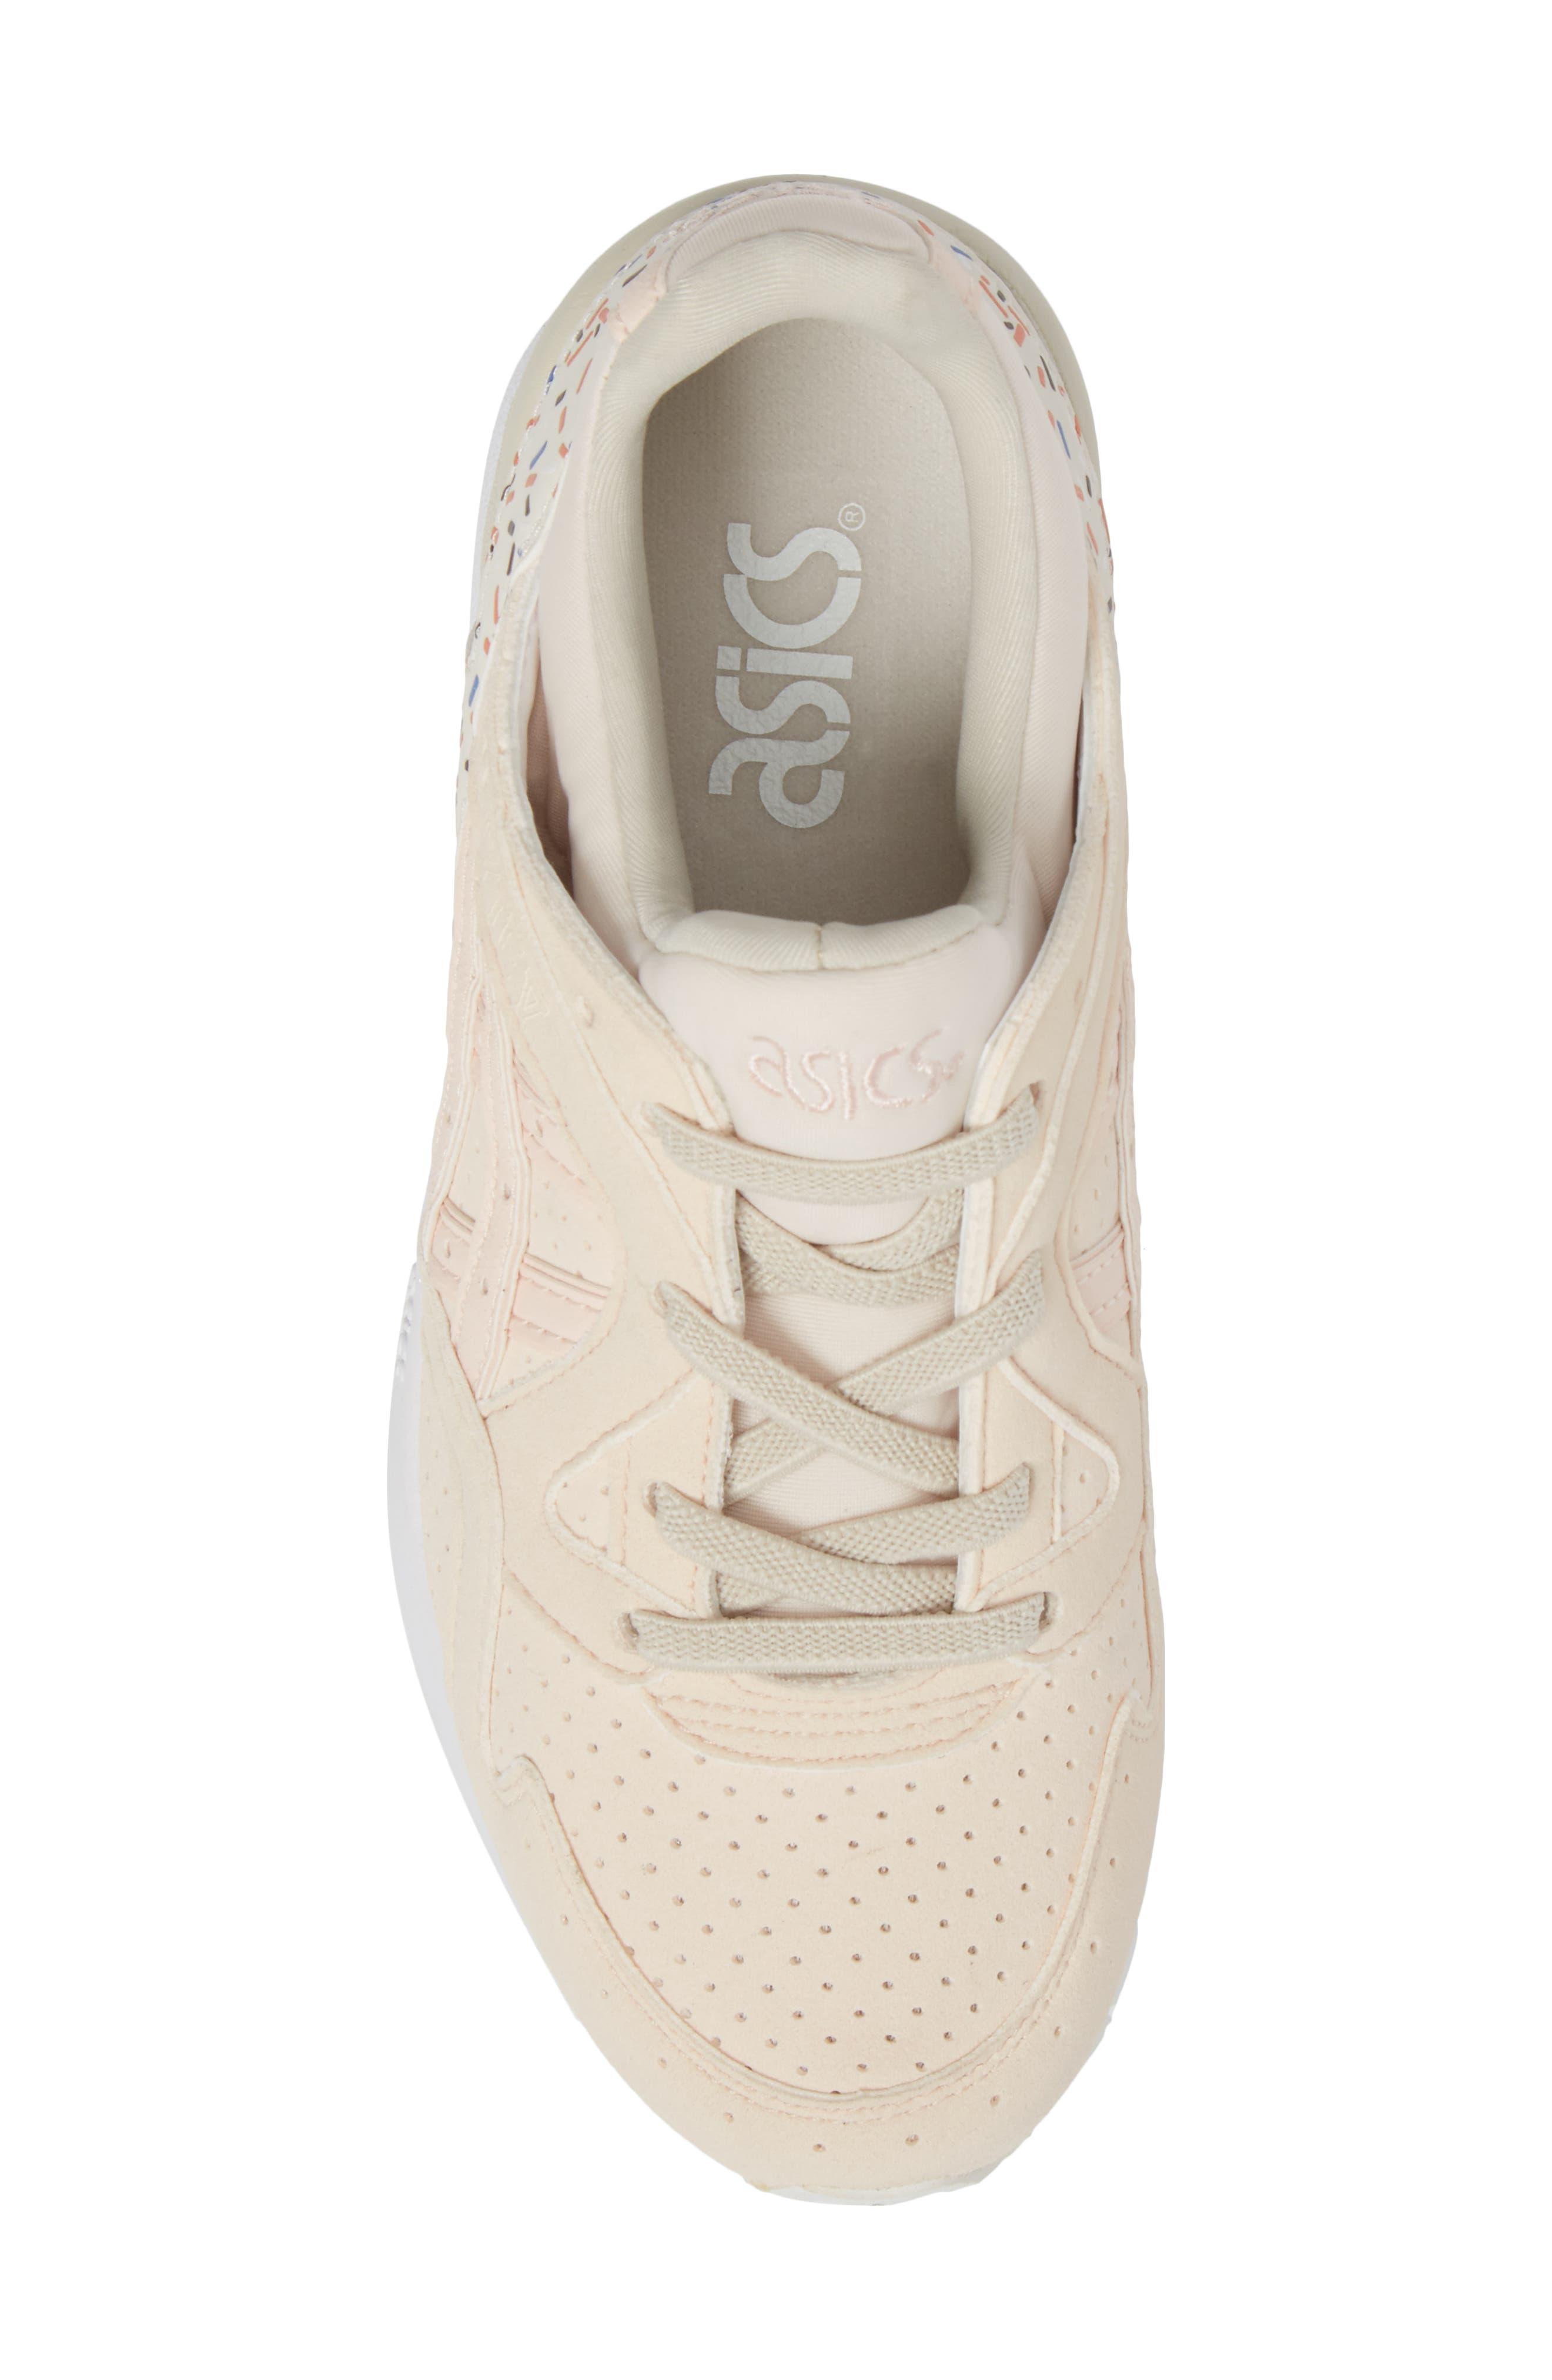 GEL-Lyte V Sneaker,                             Alternate thumbnail 5, color,                             Vanilla Cream/ Vanilla Cream